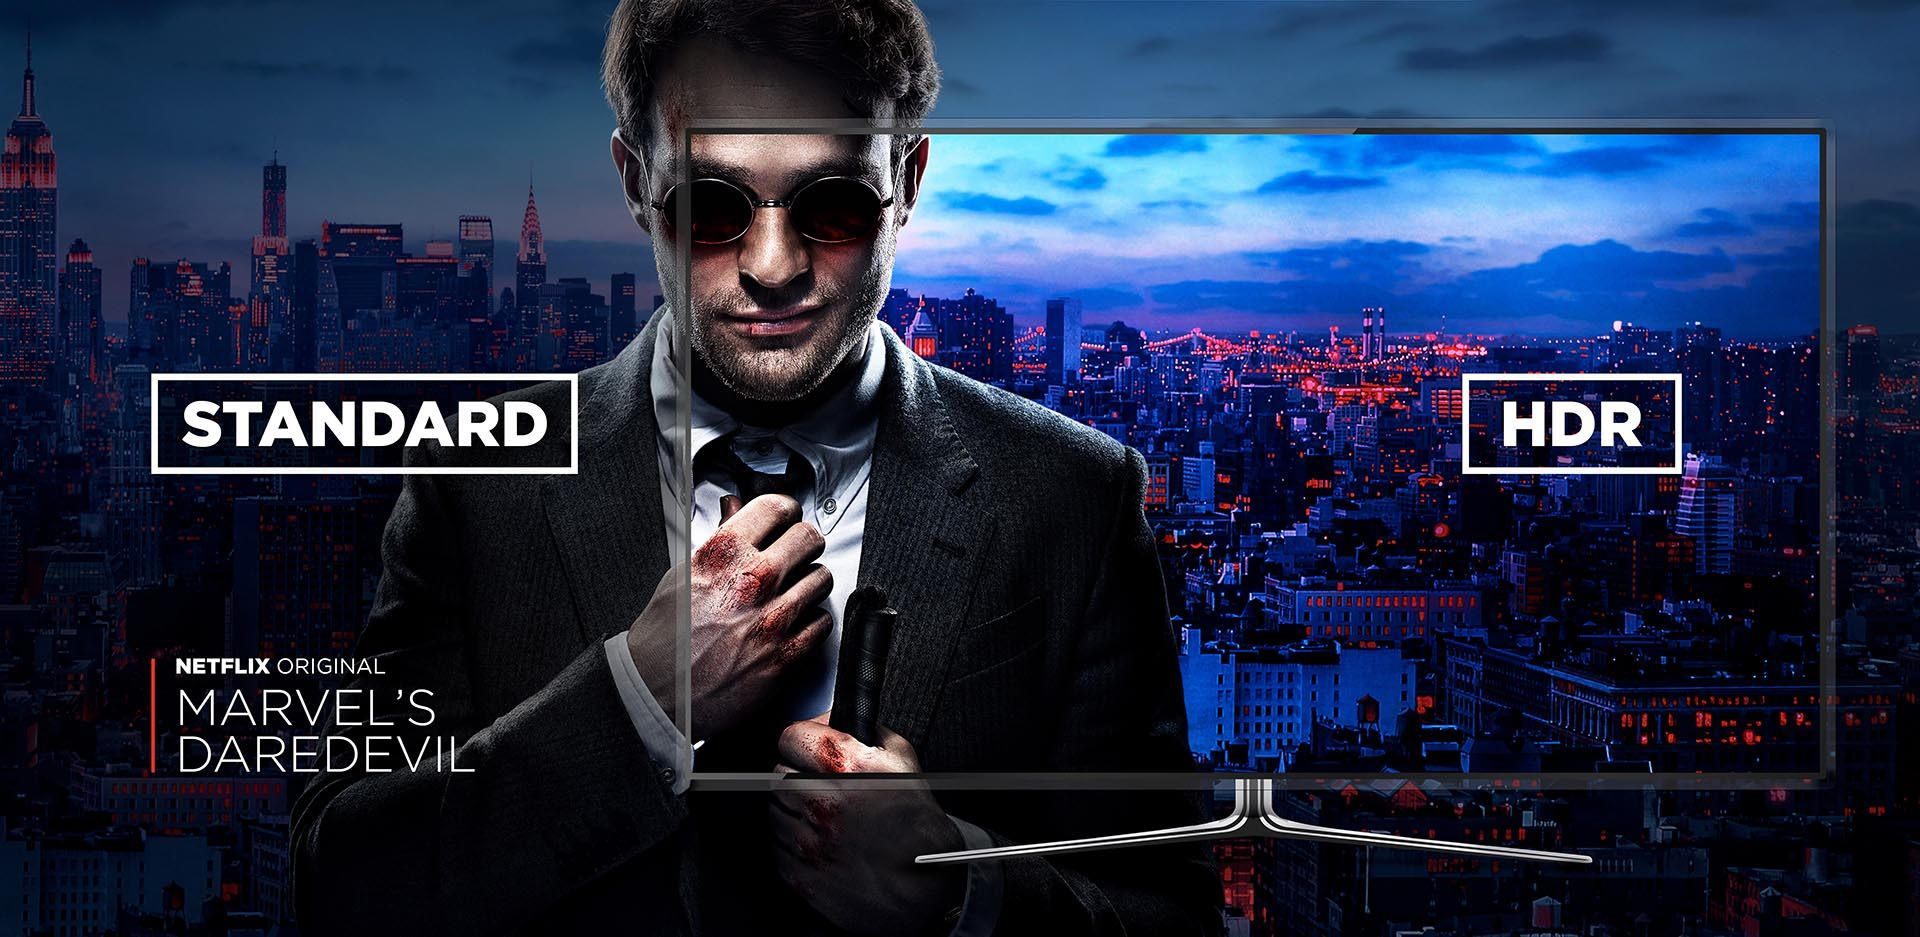 Dispositivi compatibili con Netflix: la lista completa SD, HD e 4K 3